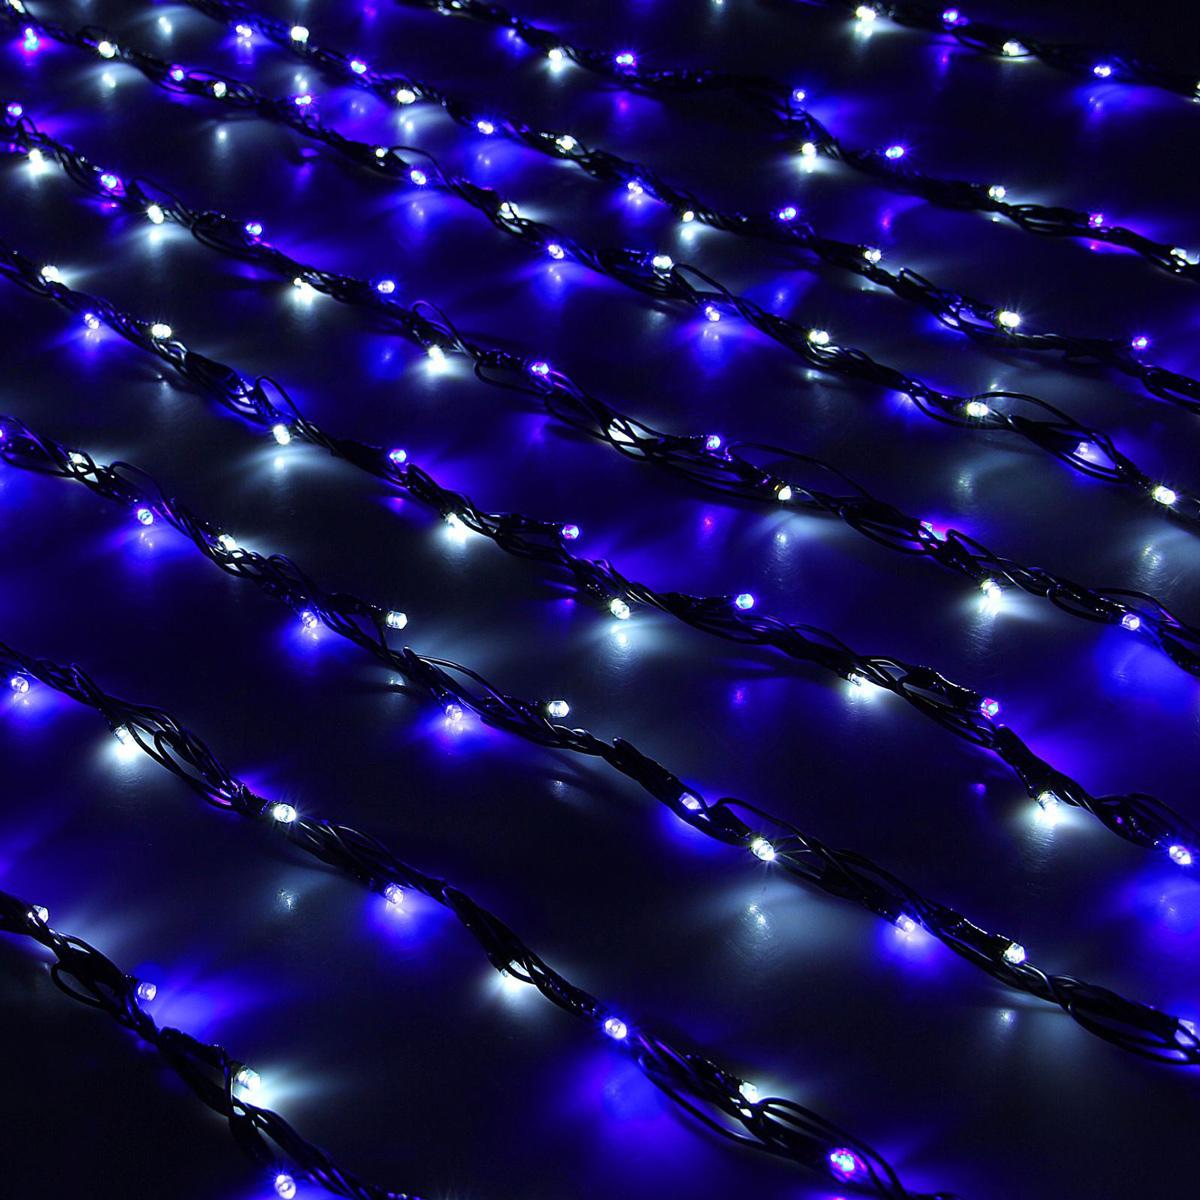 Гирлянда светодиодная Luazon Дождь, уличная, 8 режимов, 400 ламп, 220 V, цвет: белый, синий, 2 х 1,5 м. 10801861080186Светодиодные гирлянды, ленты и т.д — это отличный вариант для новогоднего оформления интерьера или фасада. С их помощью помещение любого размера можно превратить в праздничный зал, а внешние элементы зданий, украшенные ими, мгновенно станут напоминать очертания сказочного дворца. Такие украшения создают ауру предвкушения чуда. Деревья, фасады, витрины, окна и арки будто специально созданы, чтобы вы украсили их светящимися нитями.